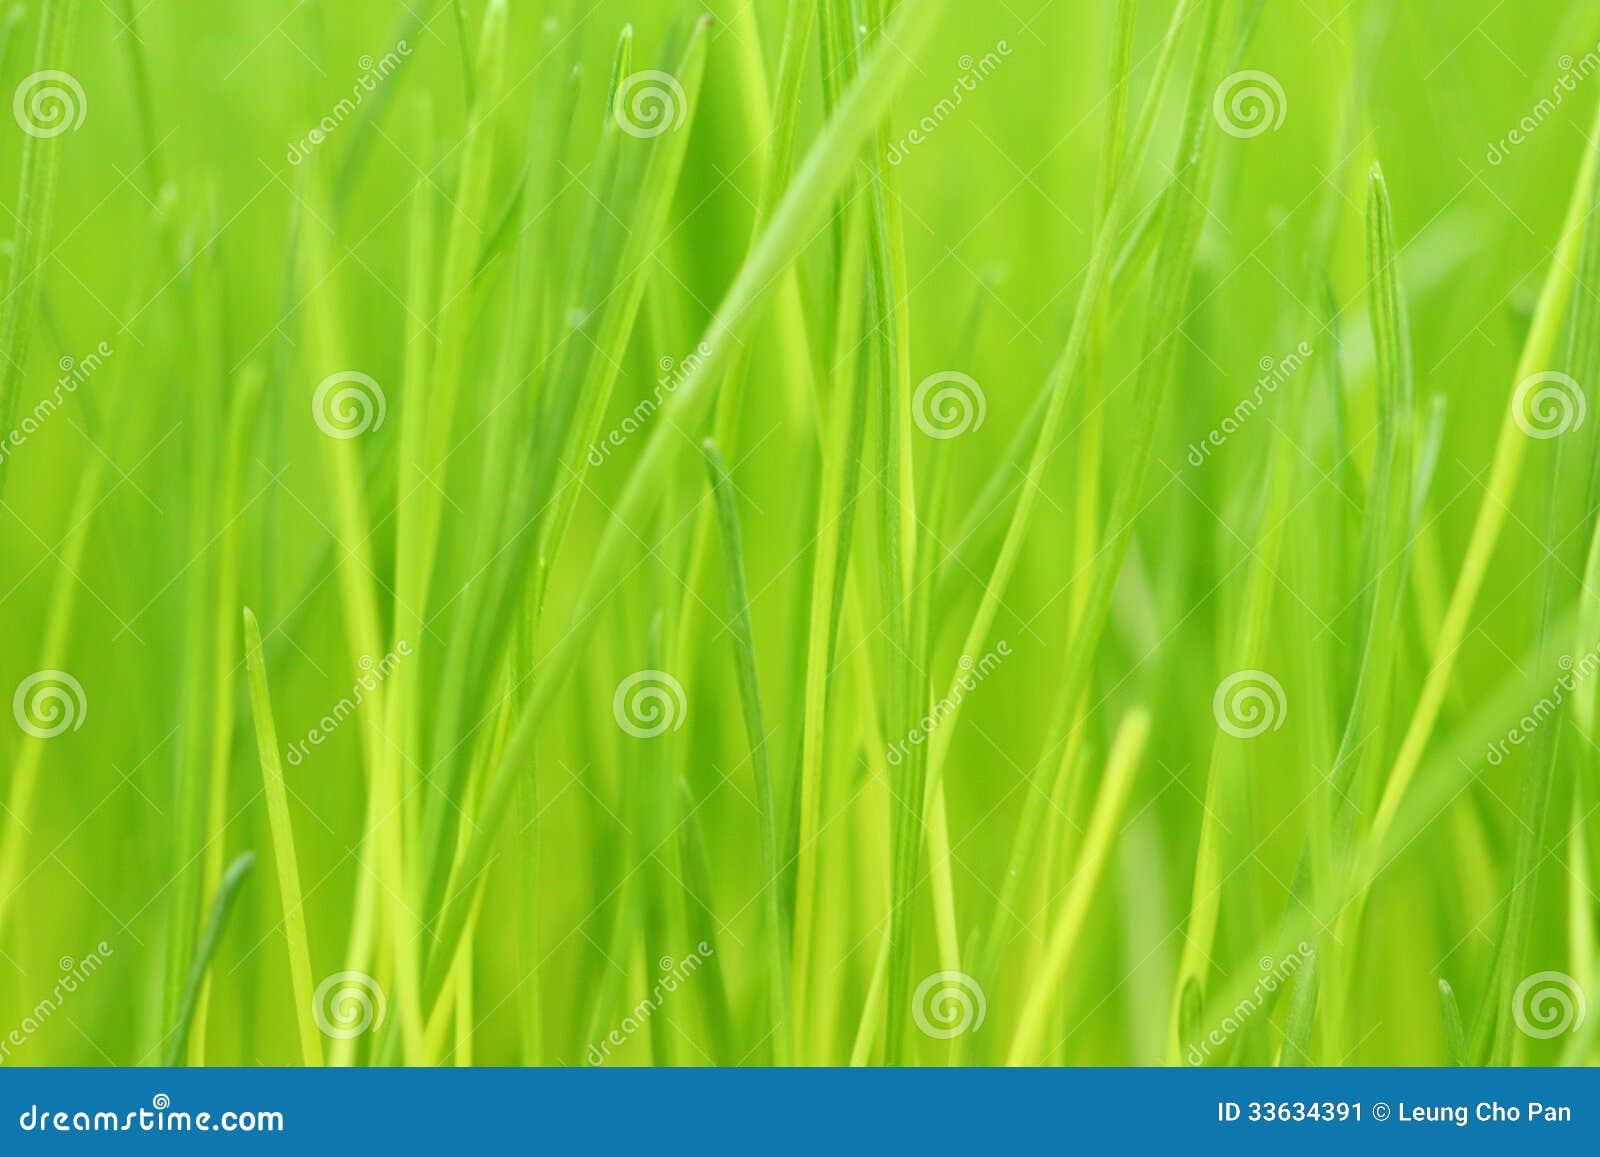 Предпосылка зеленой травы